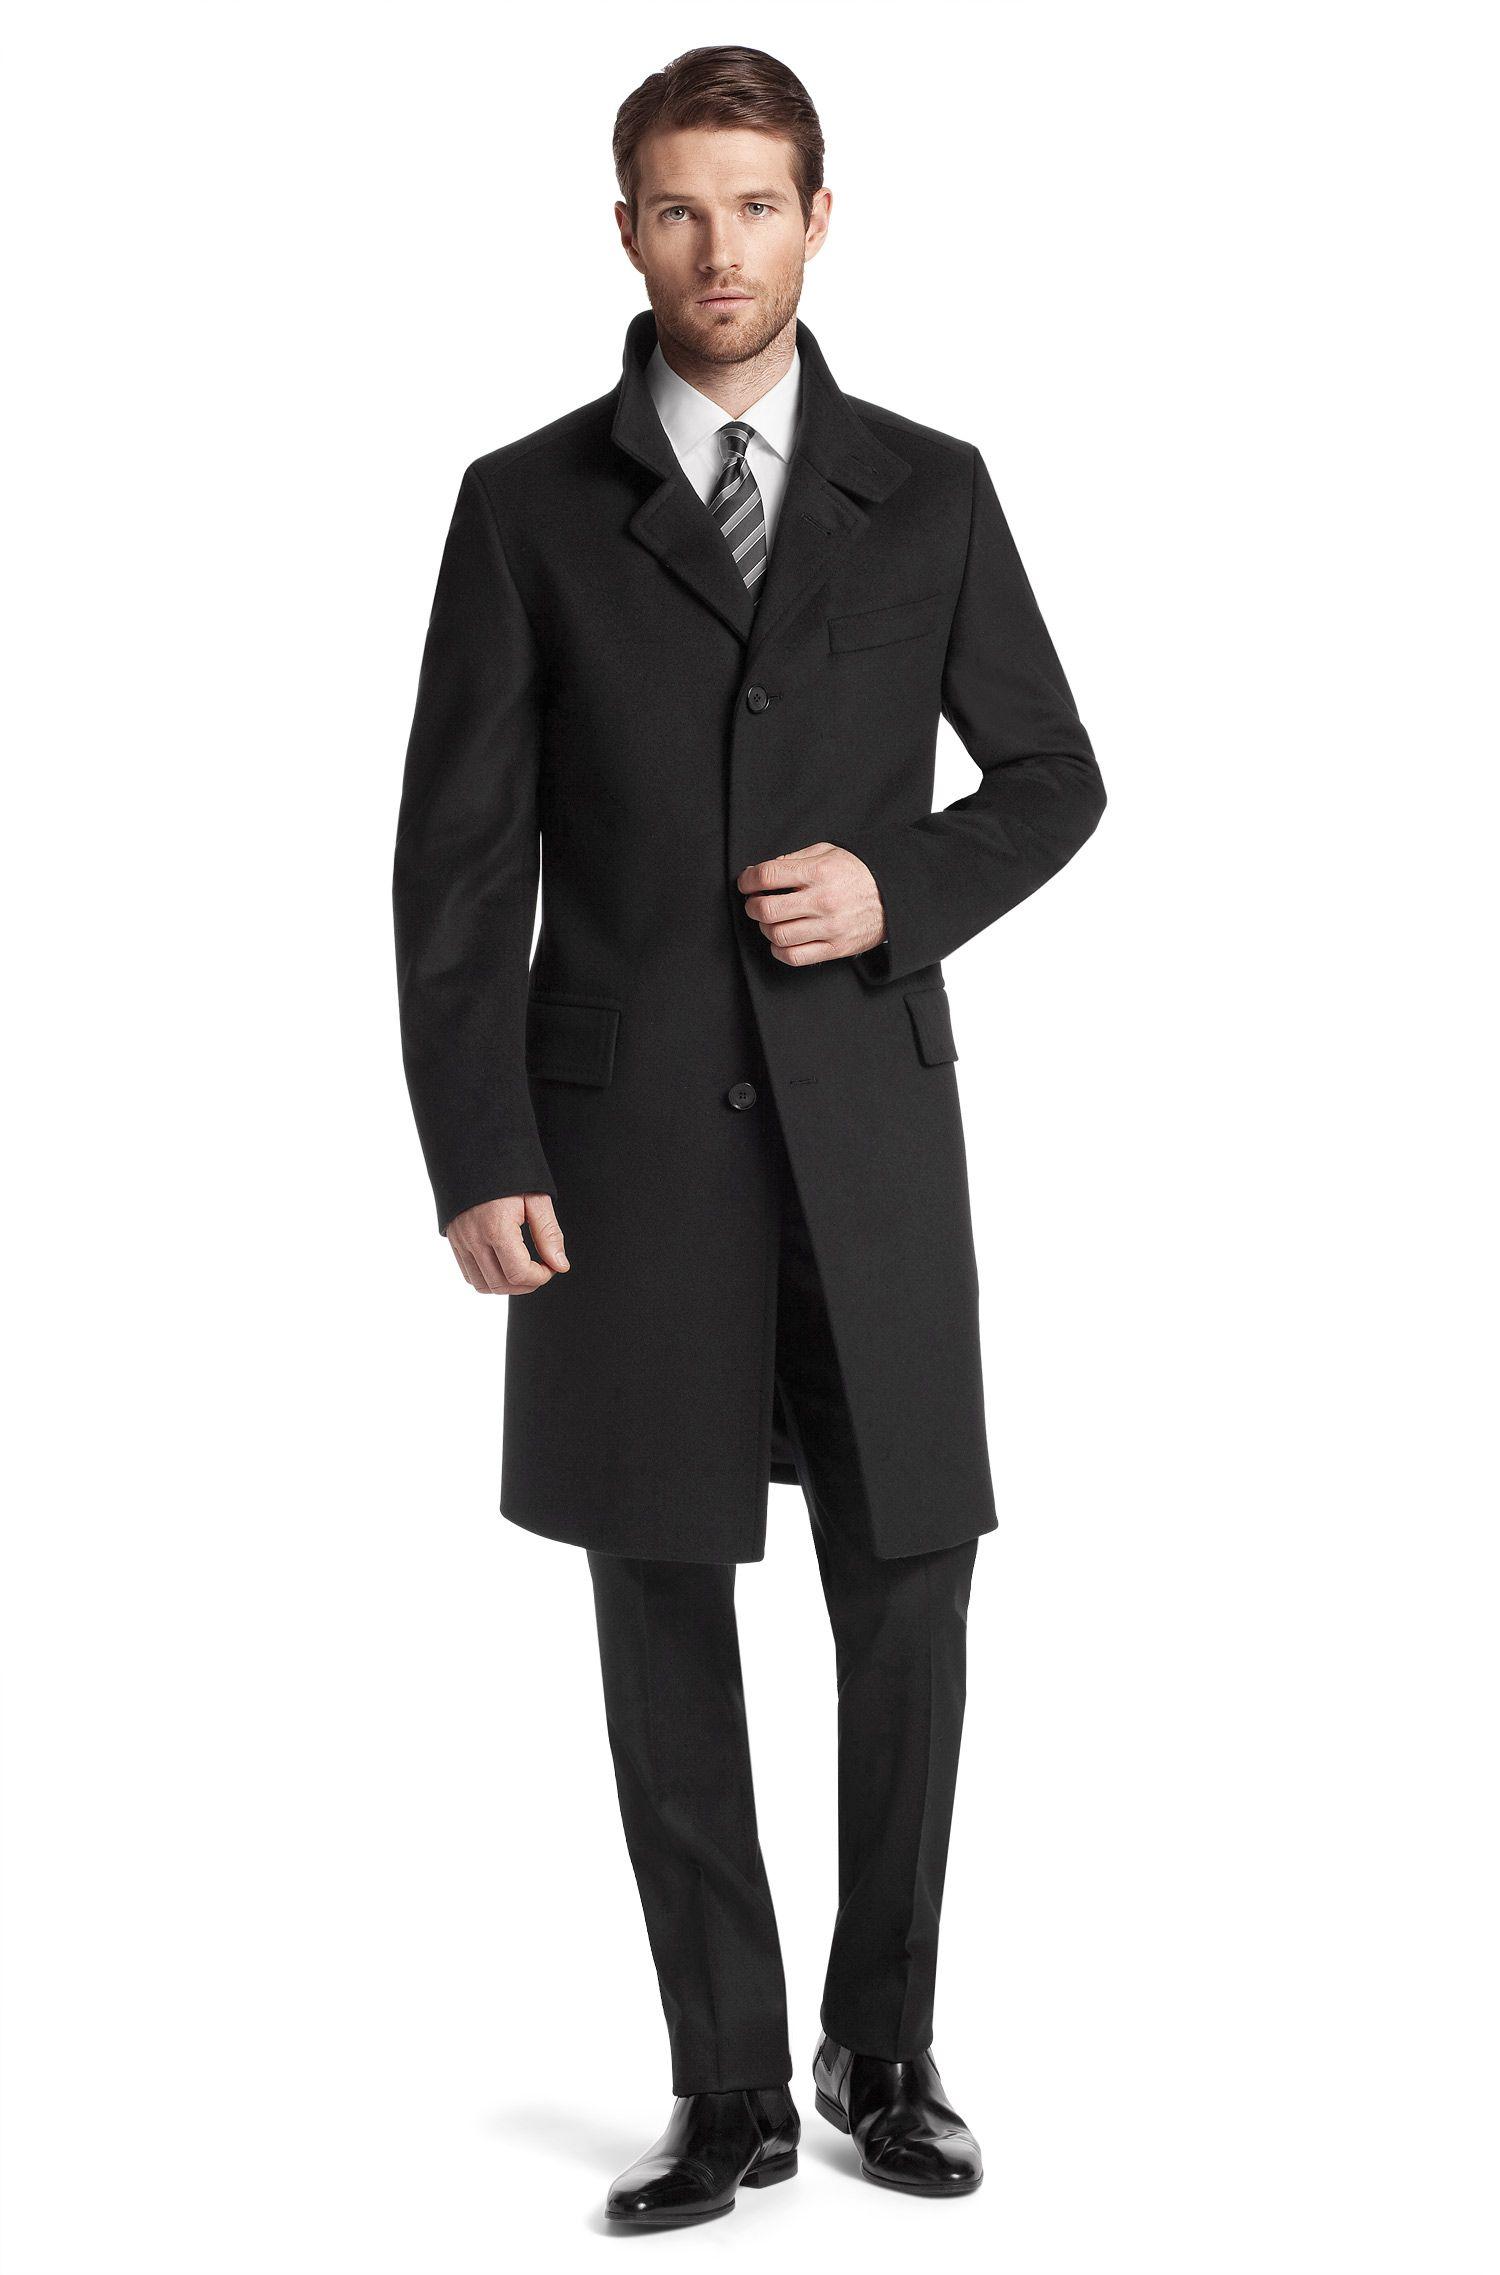 Manteau en laine mélangée, The Sintrax